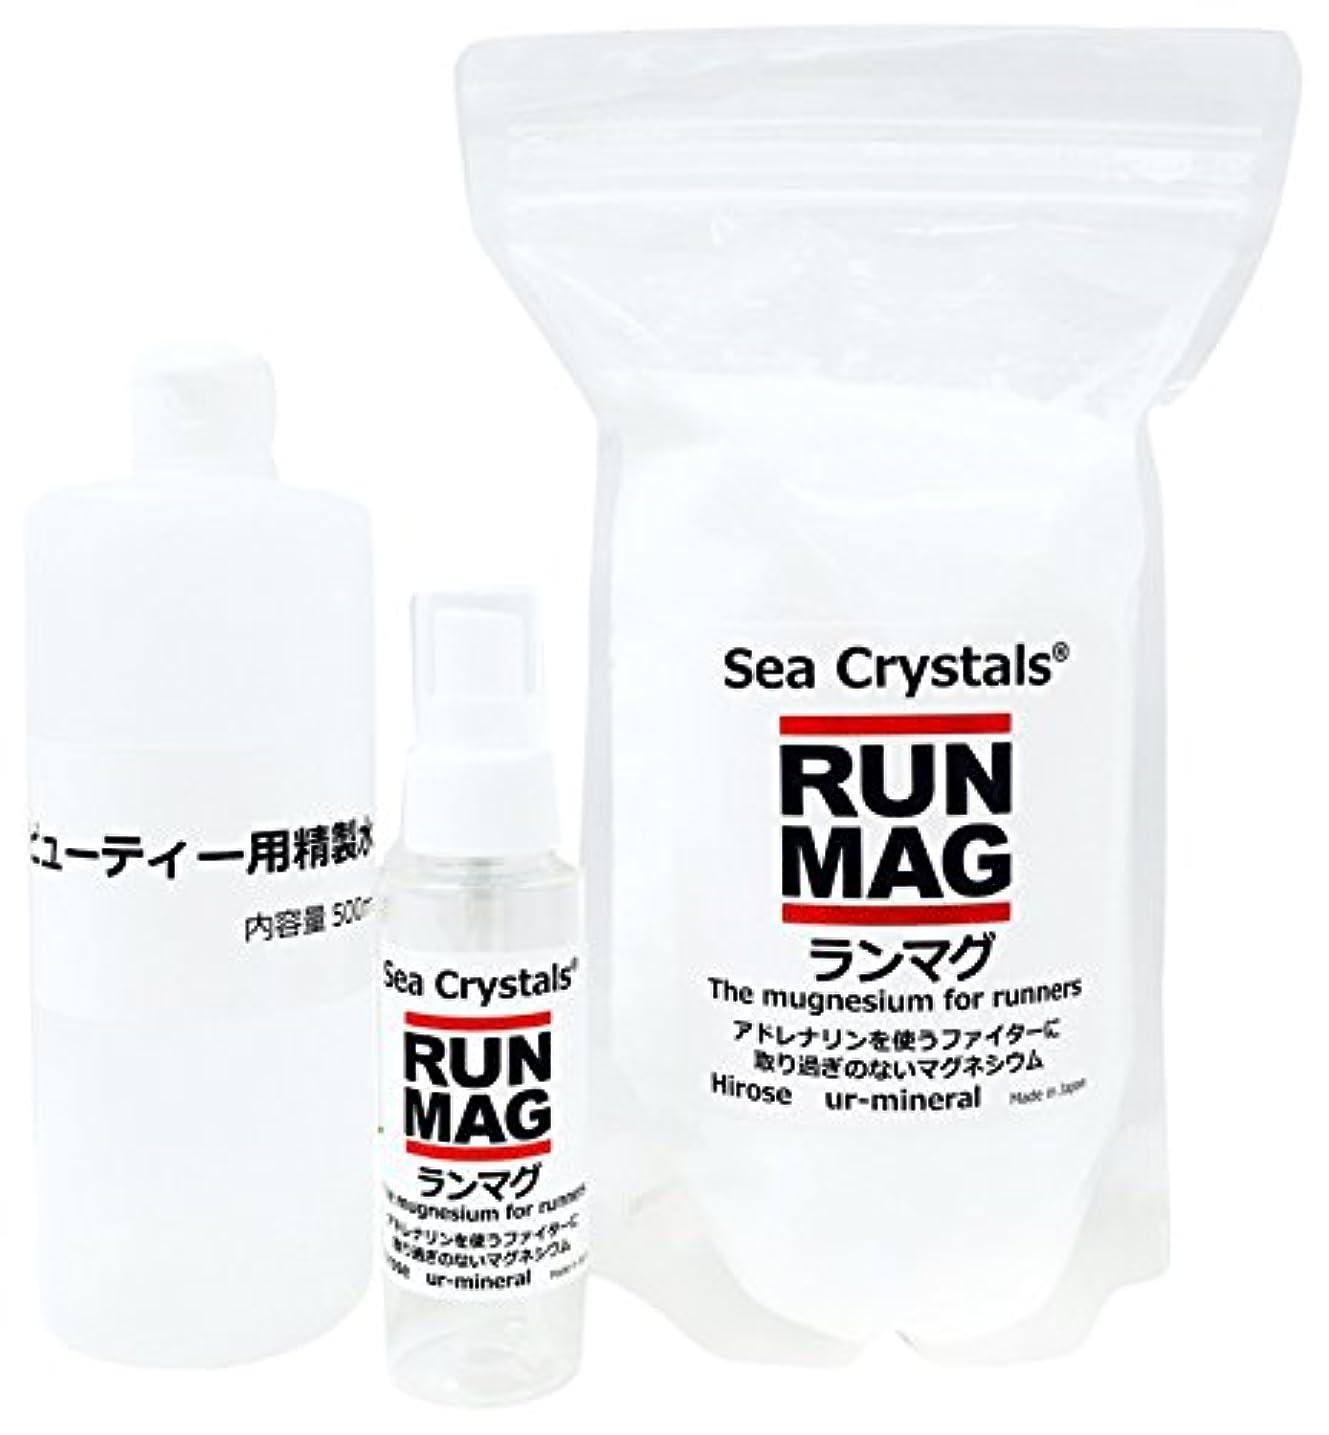 バケツ交差点救出ランマグ?マグネシウムオイル 500g 化粧品登録 日本製 1日マグネシウム360mg使用  精製水付き